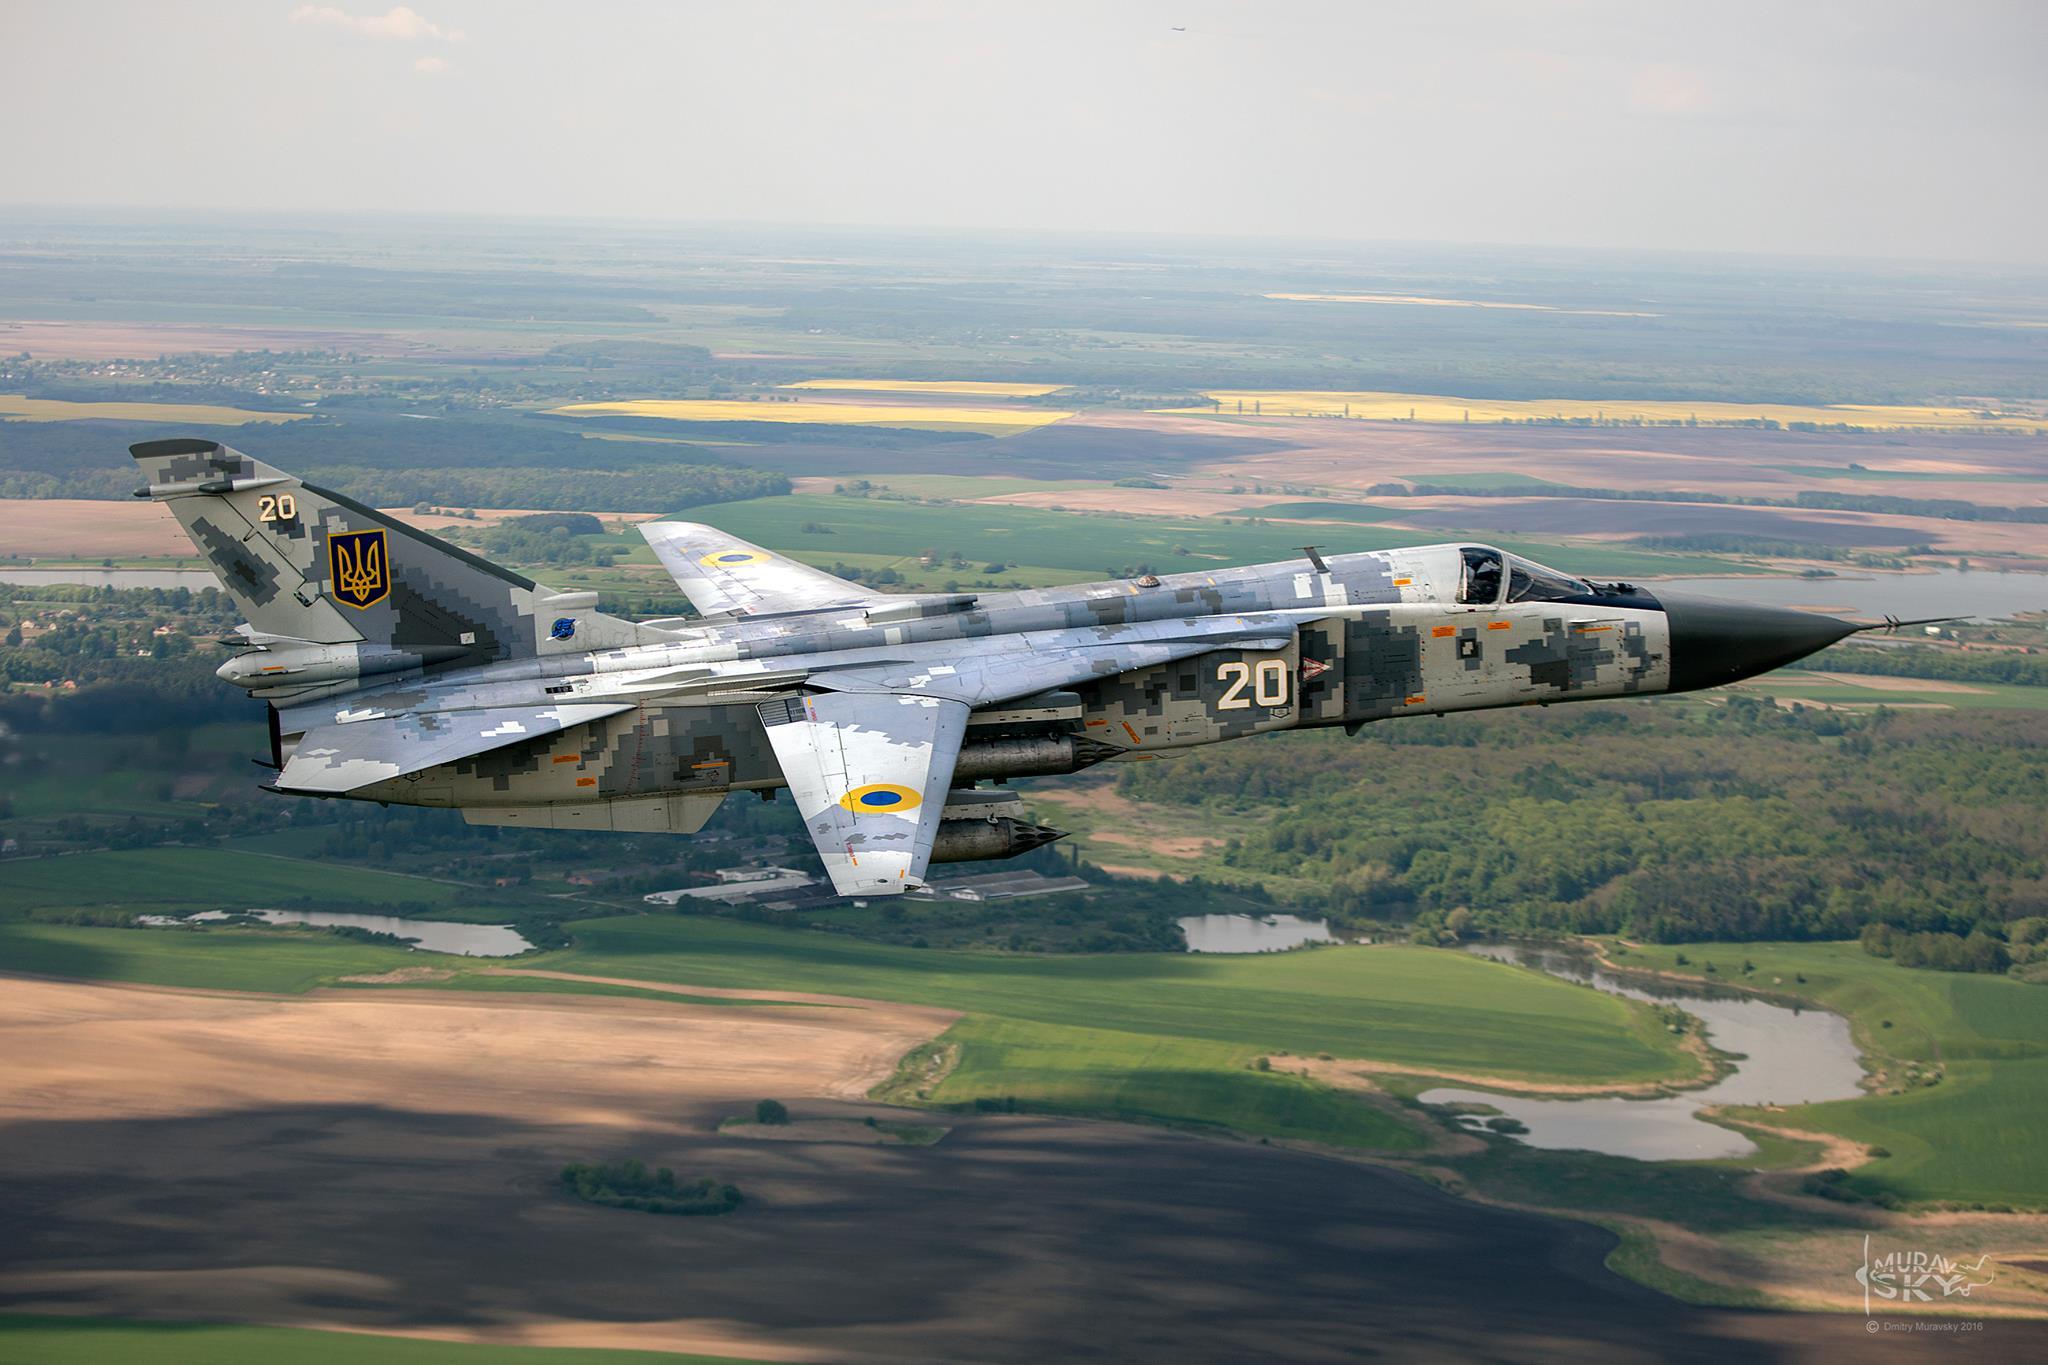 Літак Су-24 Ð&poun d;Ð&or dm;Ñ ;€&ET H;°&Nt ilde;— ;Ð&fra c12;&Ntild e;&N tilde; 0;Ð&or dm;Ð&c edil;&Ntil de;…  ВПС